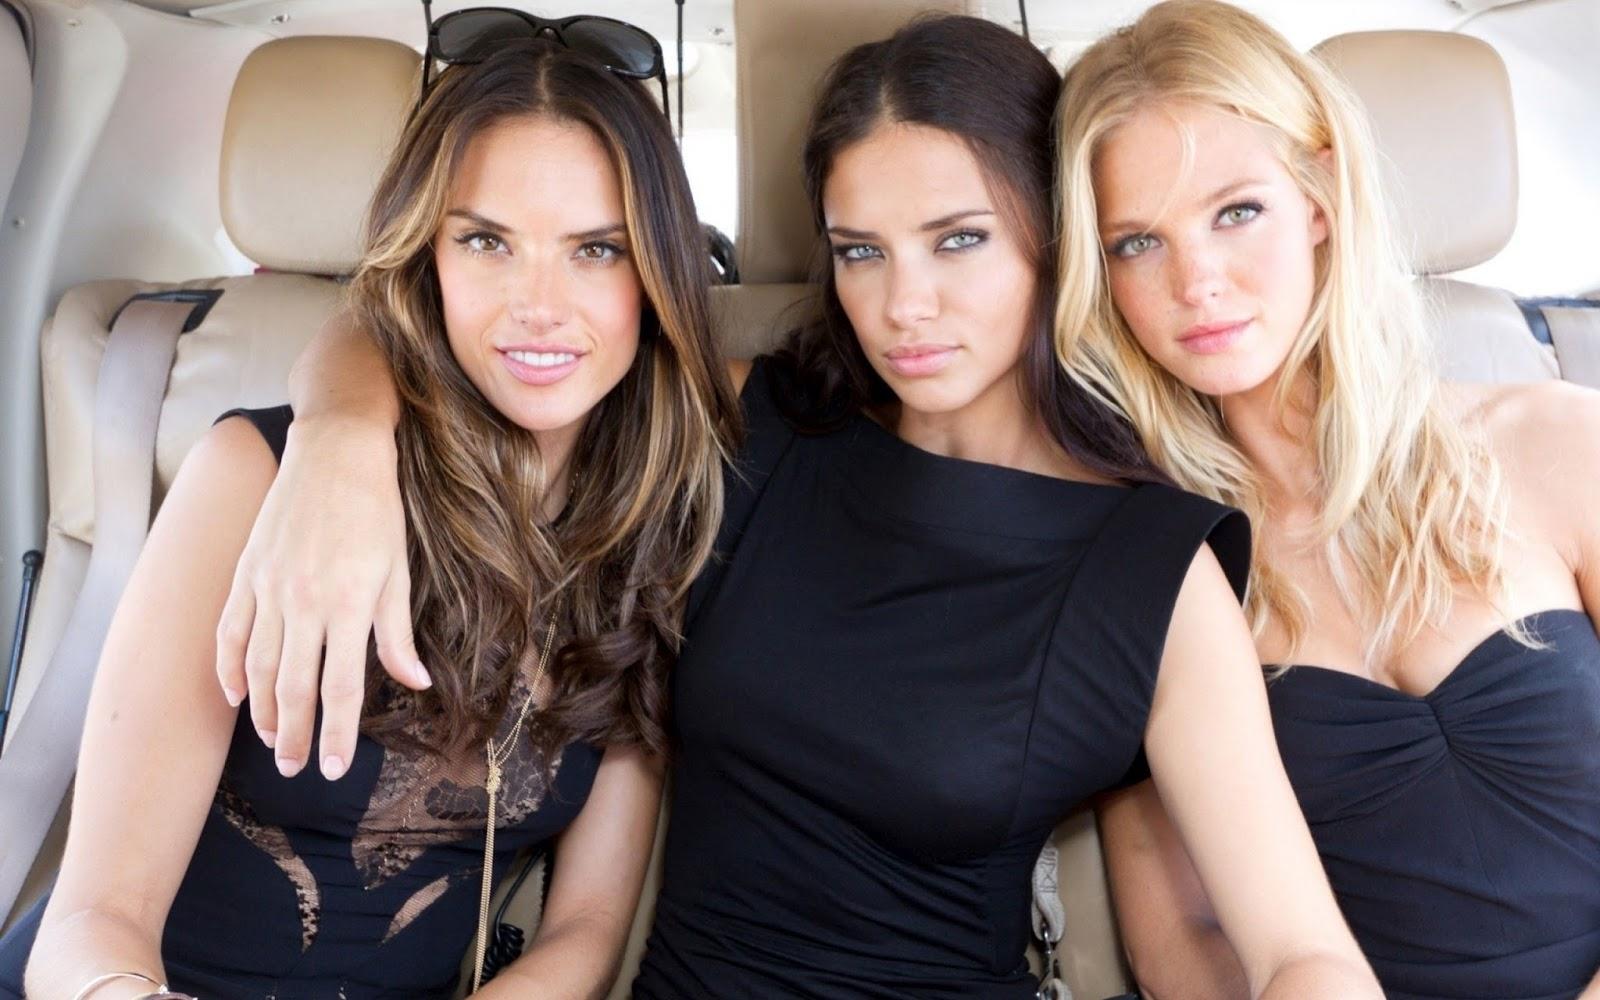 Русскую блондинку ебут трое, Трое русских парней трахают одну девушку - смотреть 2 фотография